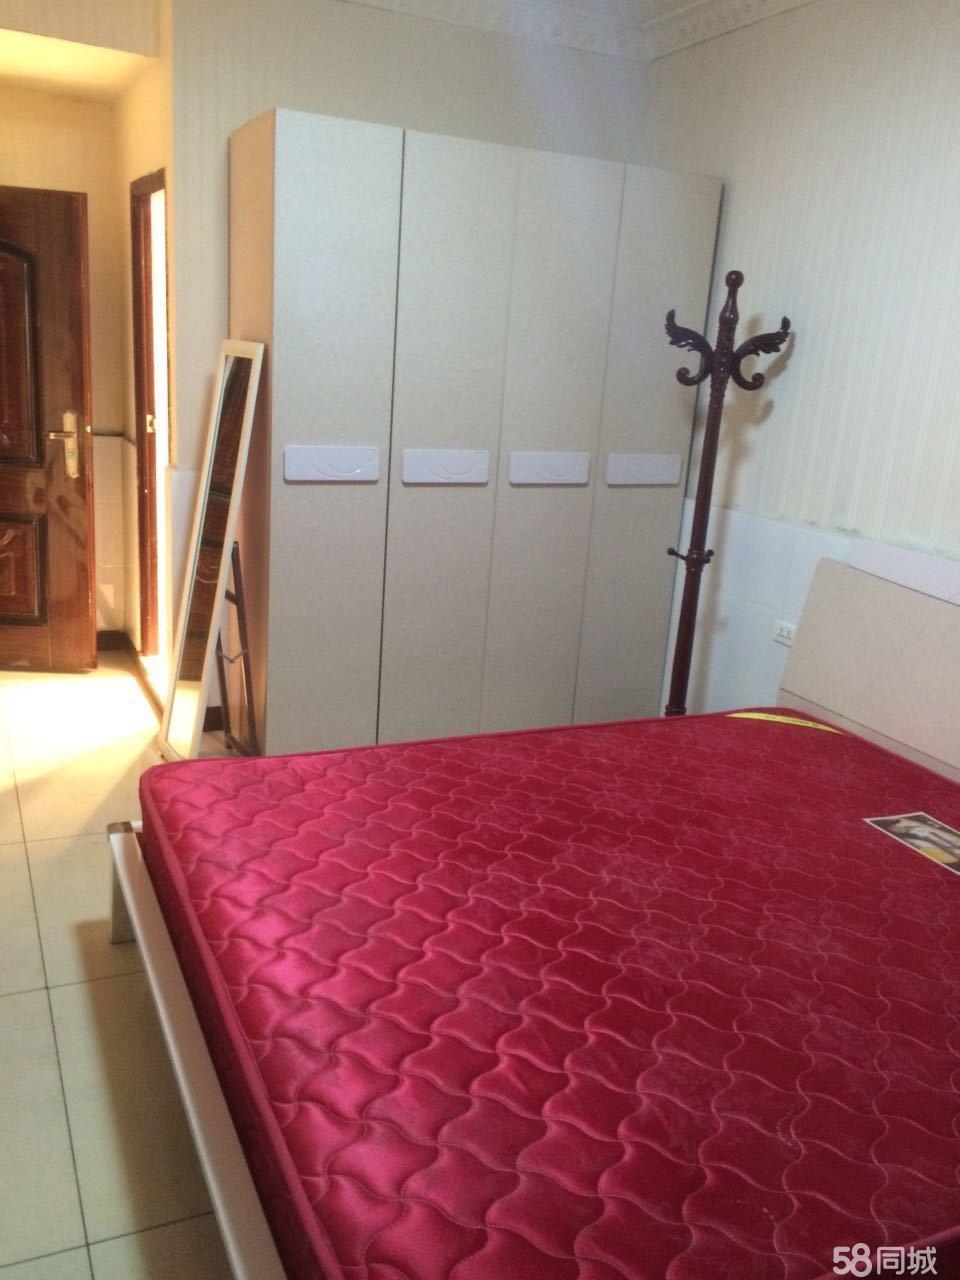 碧江锦江广场1室0厅1厨温馨公寓拎包入住押一付二